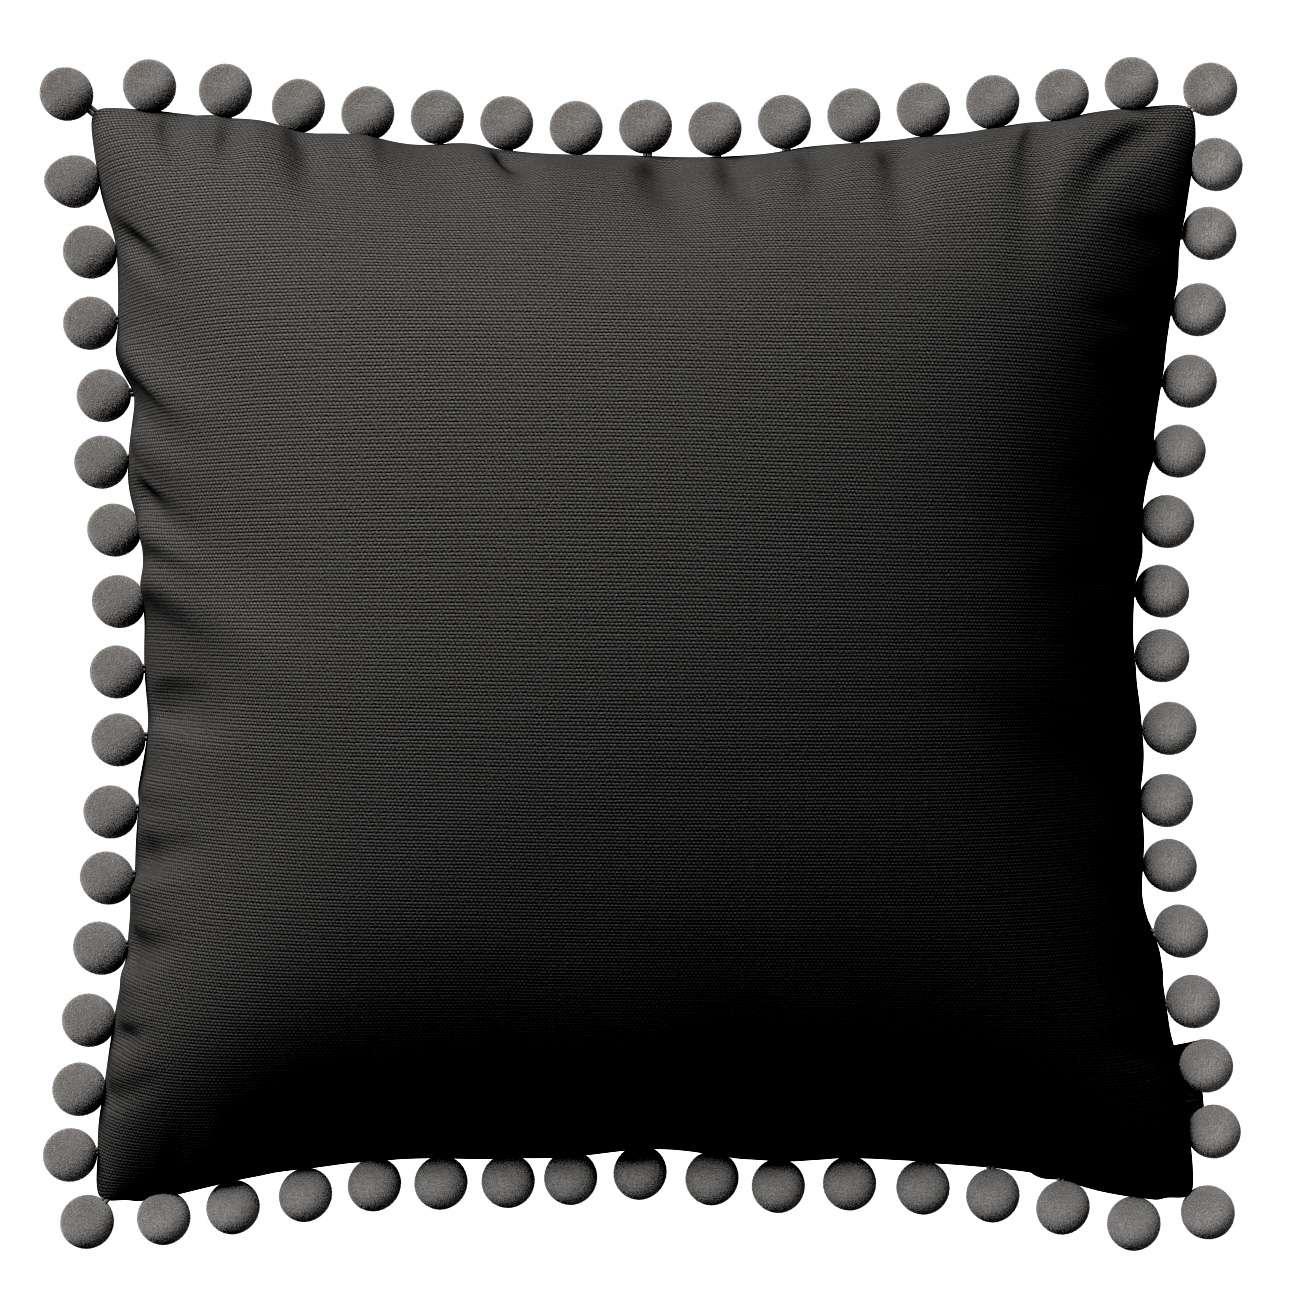 Kissenhülle Wera mit Bommeln, Shadow grey, 45 × 45 cm, Cotton Panama | Heimtextilien > Bettwäsche und Laken | Dekoria